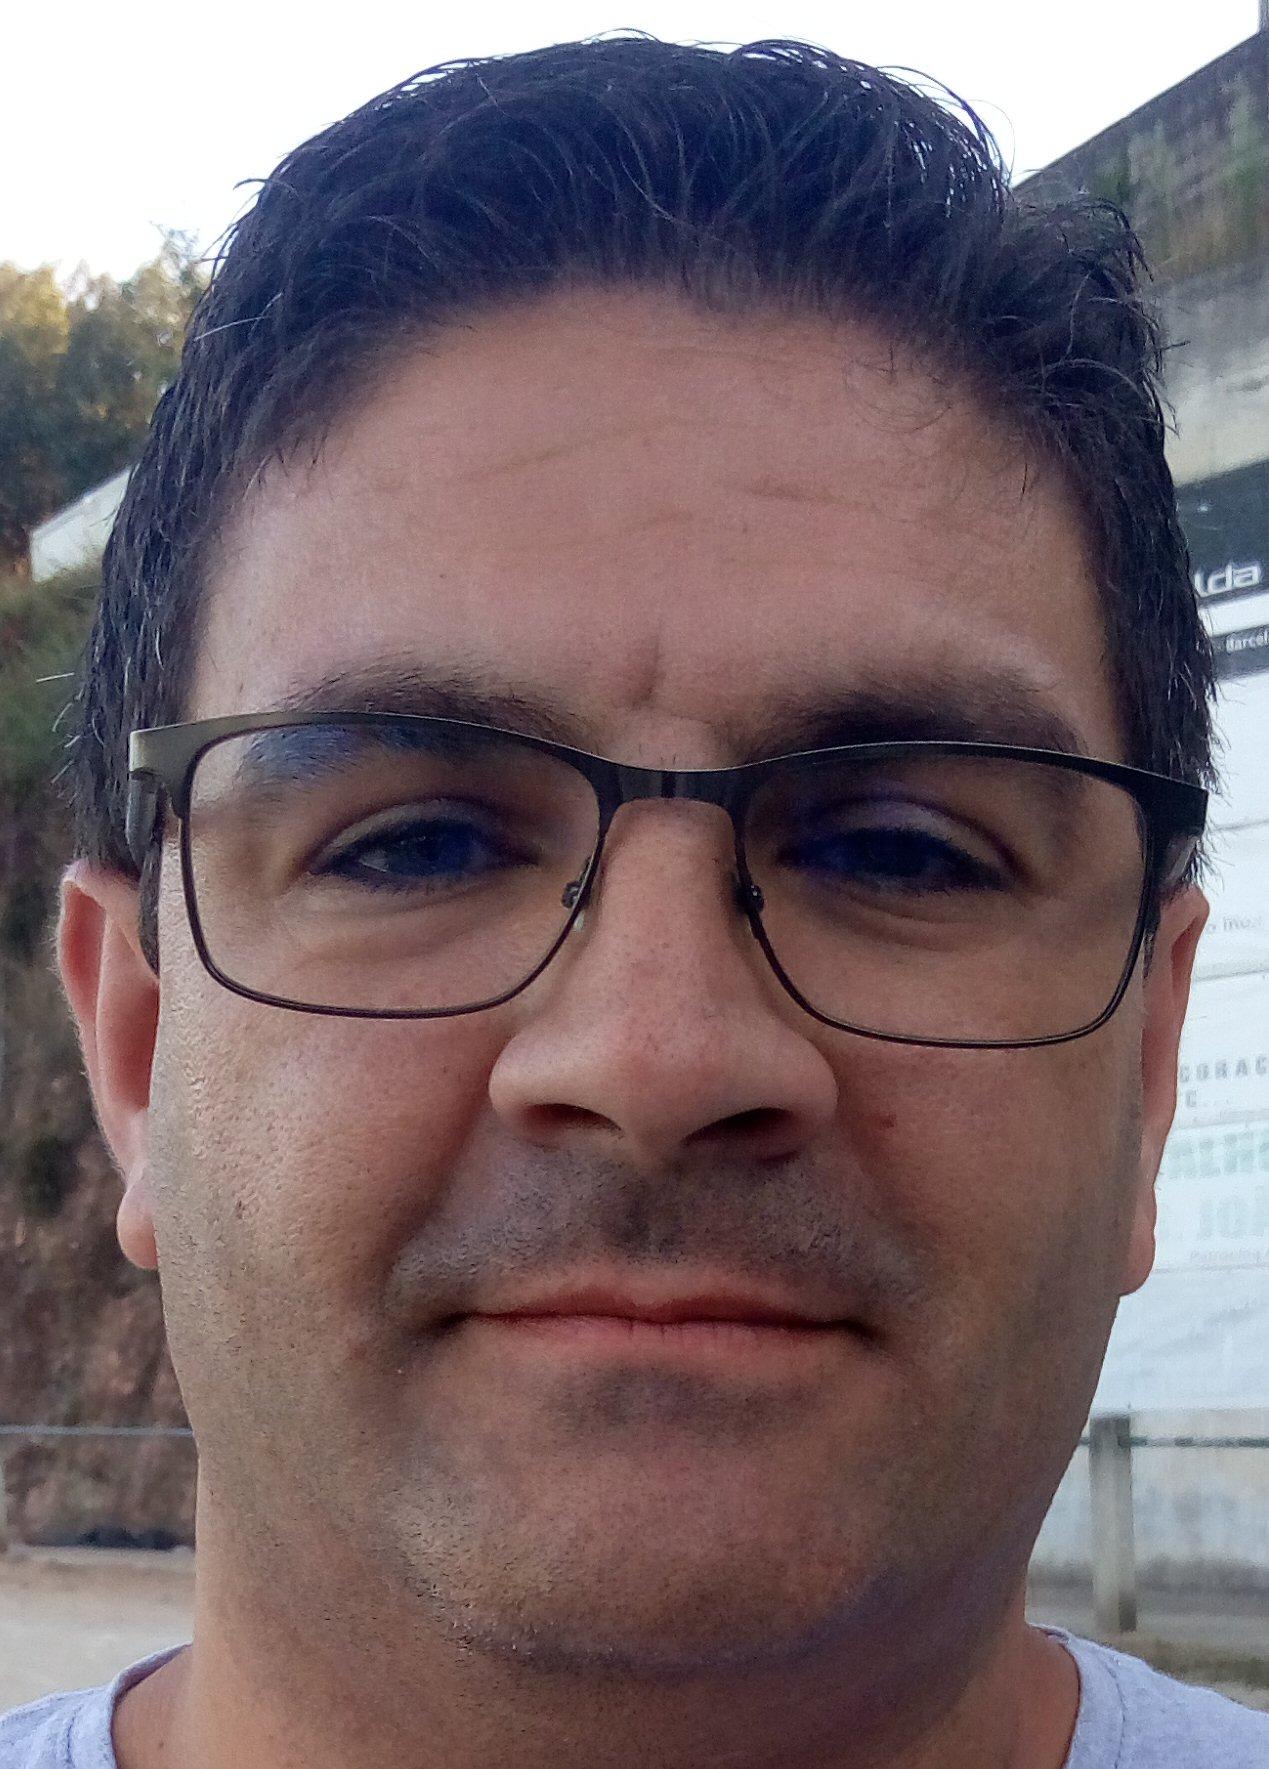 JOSÉ CARLOS SILVA CARVALHO